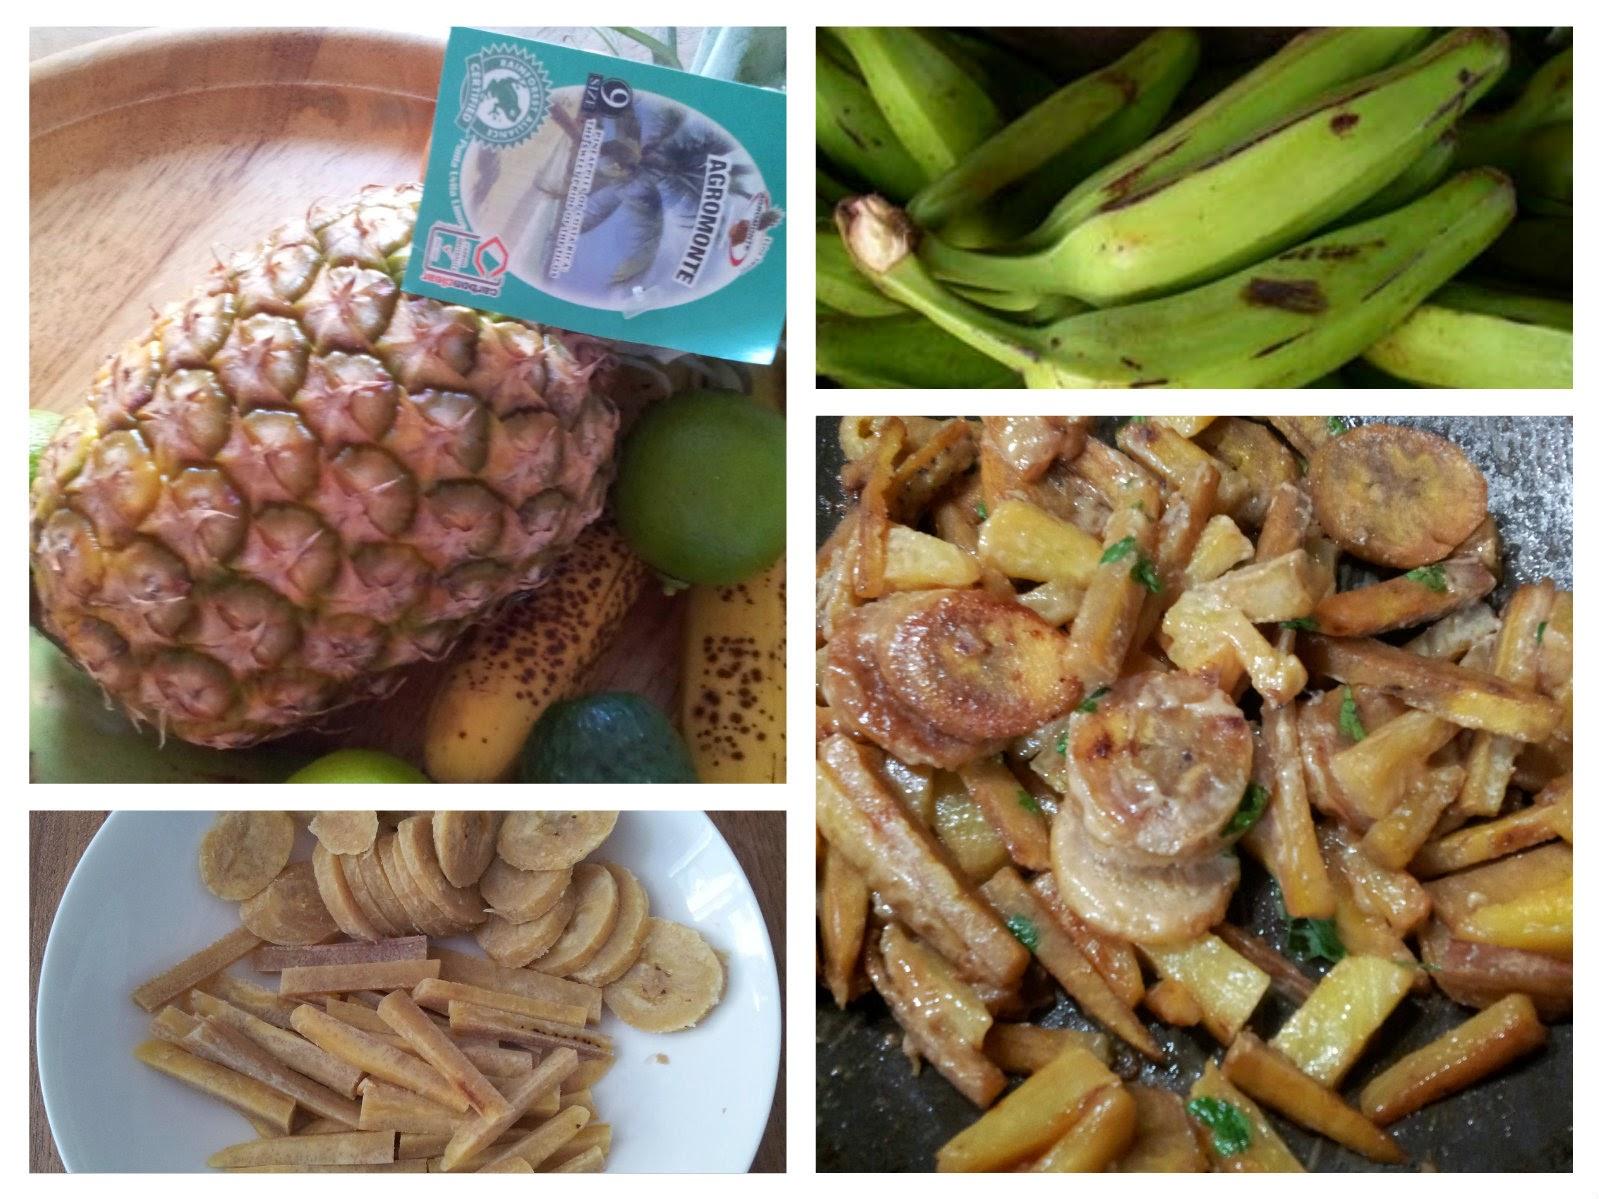 La cucina piccoLINA: PIADILLAS TICAS PER MTC N.40 E PIADAMUNDIAL